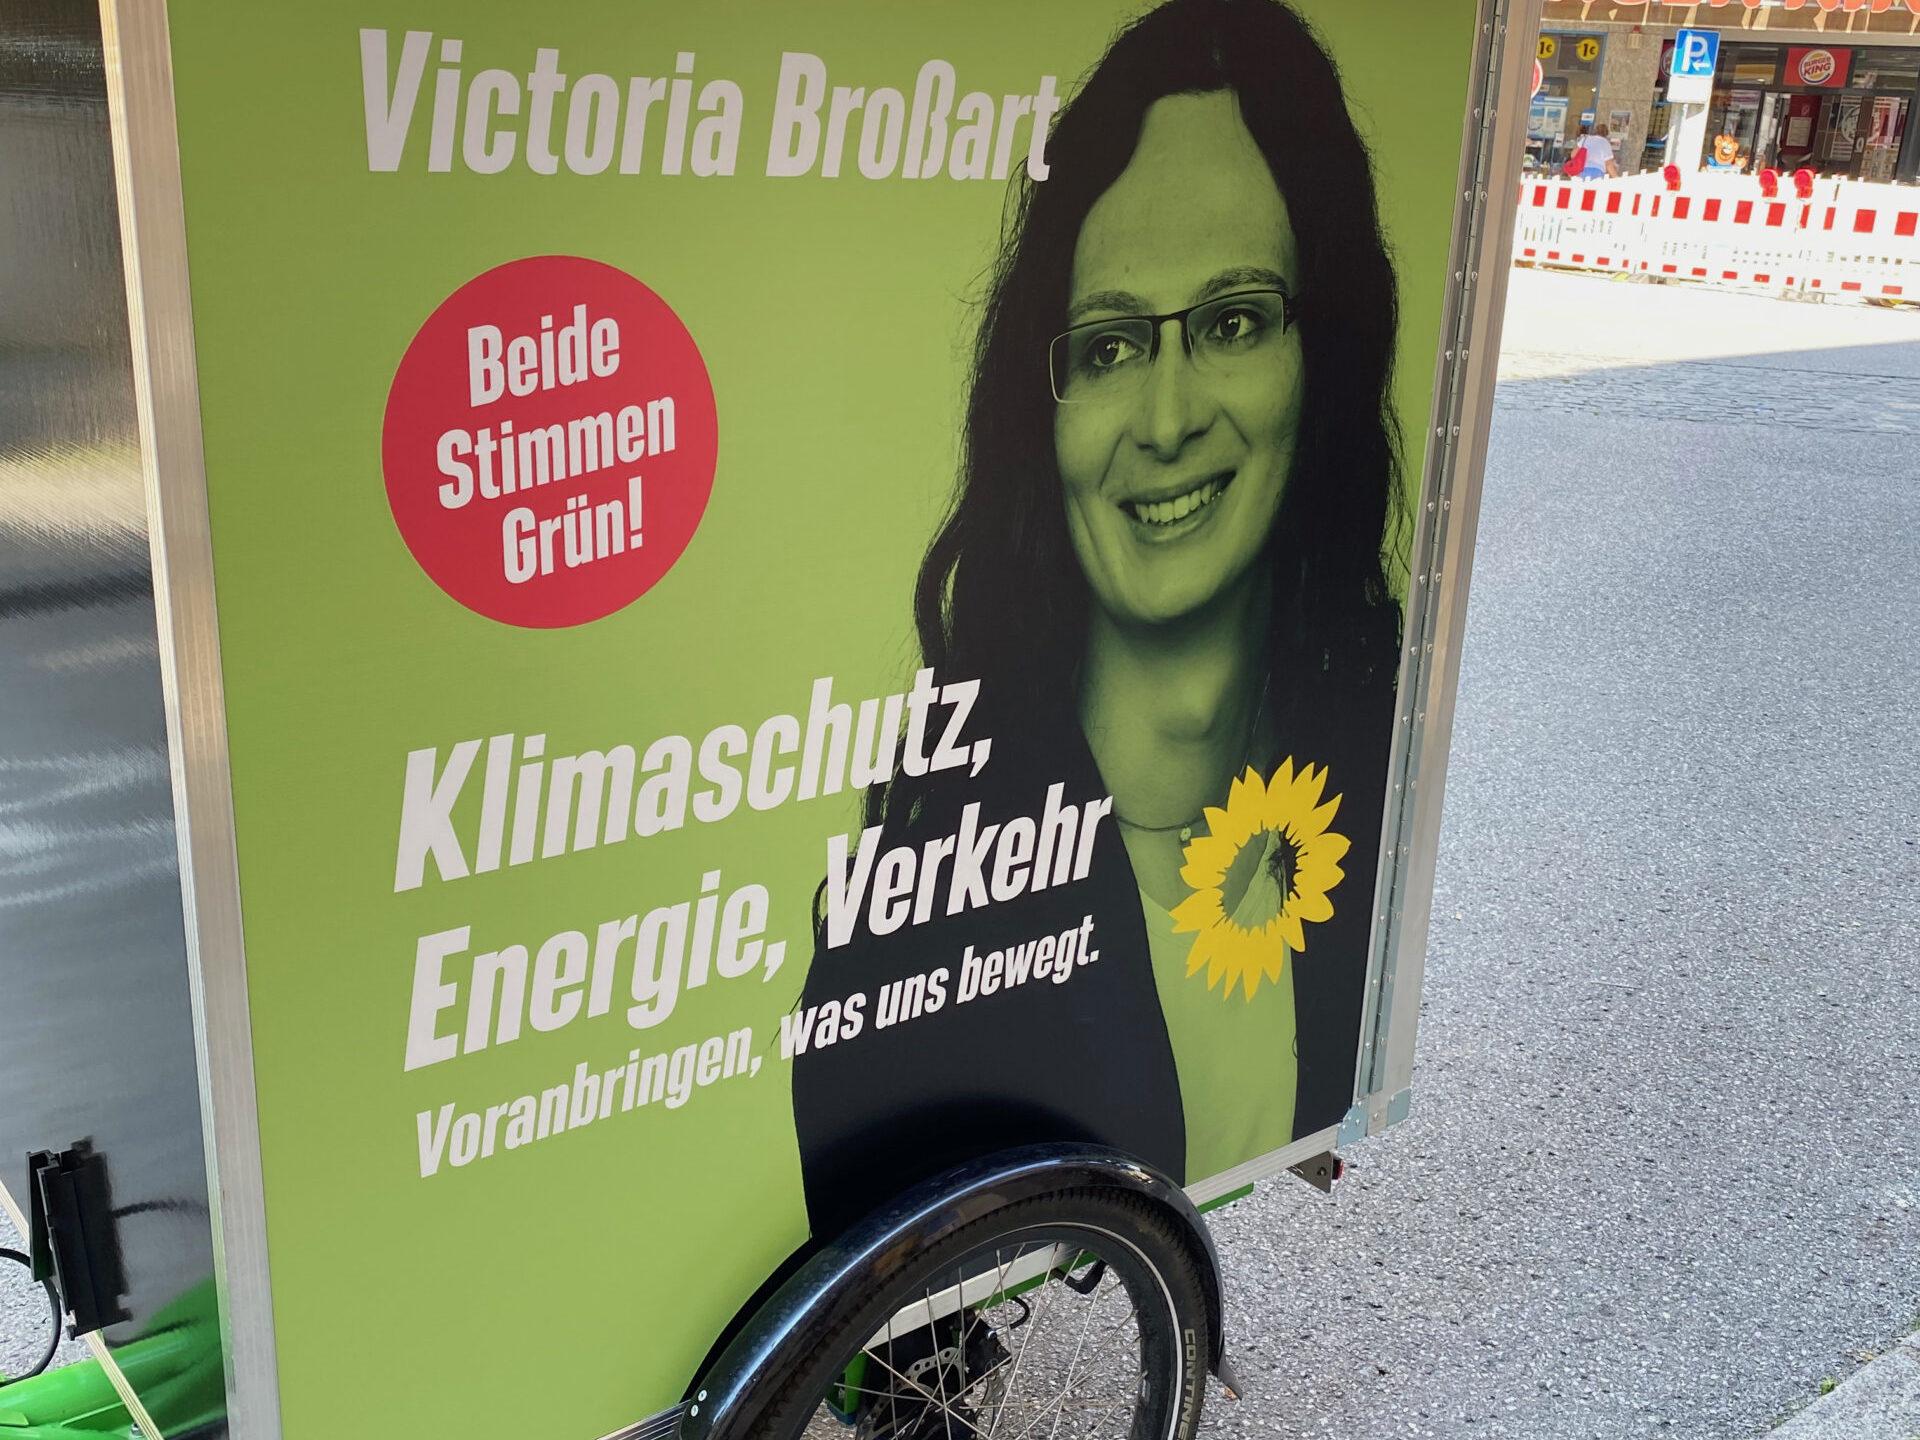 Bundestagskandidatin Victoria Broßart in Raubling